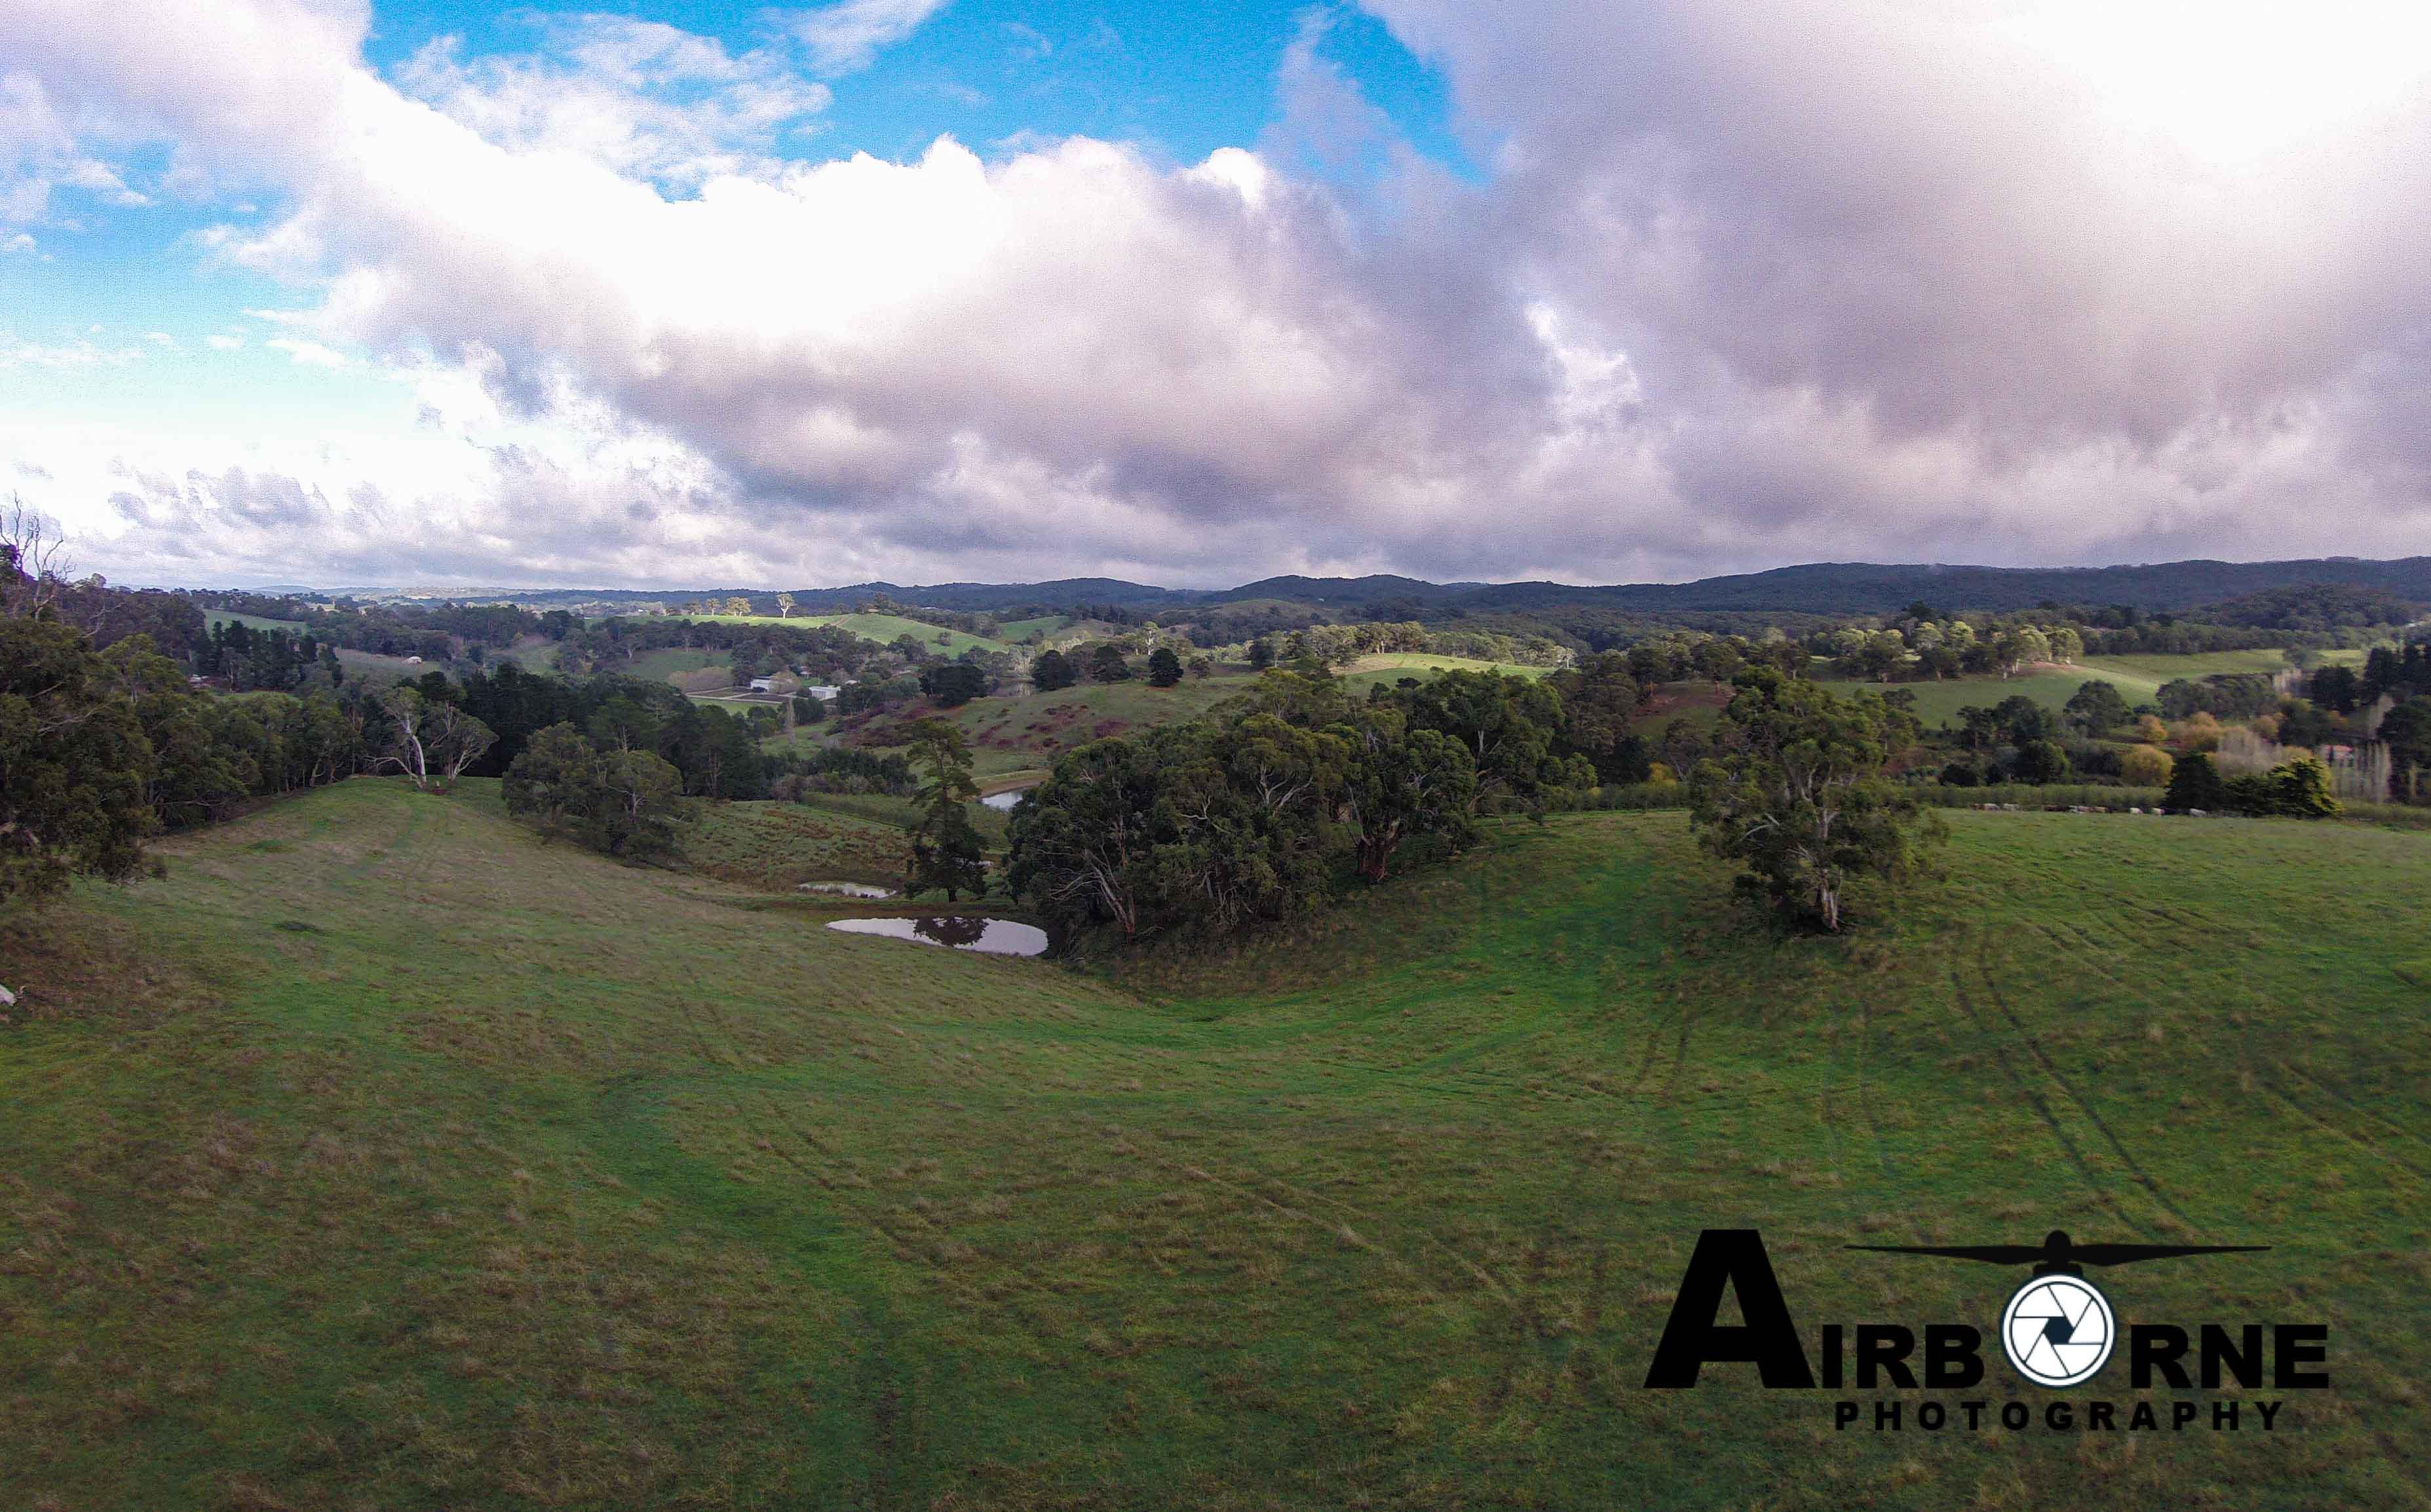 2014-06-03 09-12-23 Airborne WM.jpg